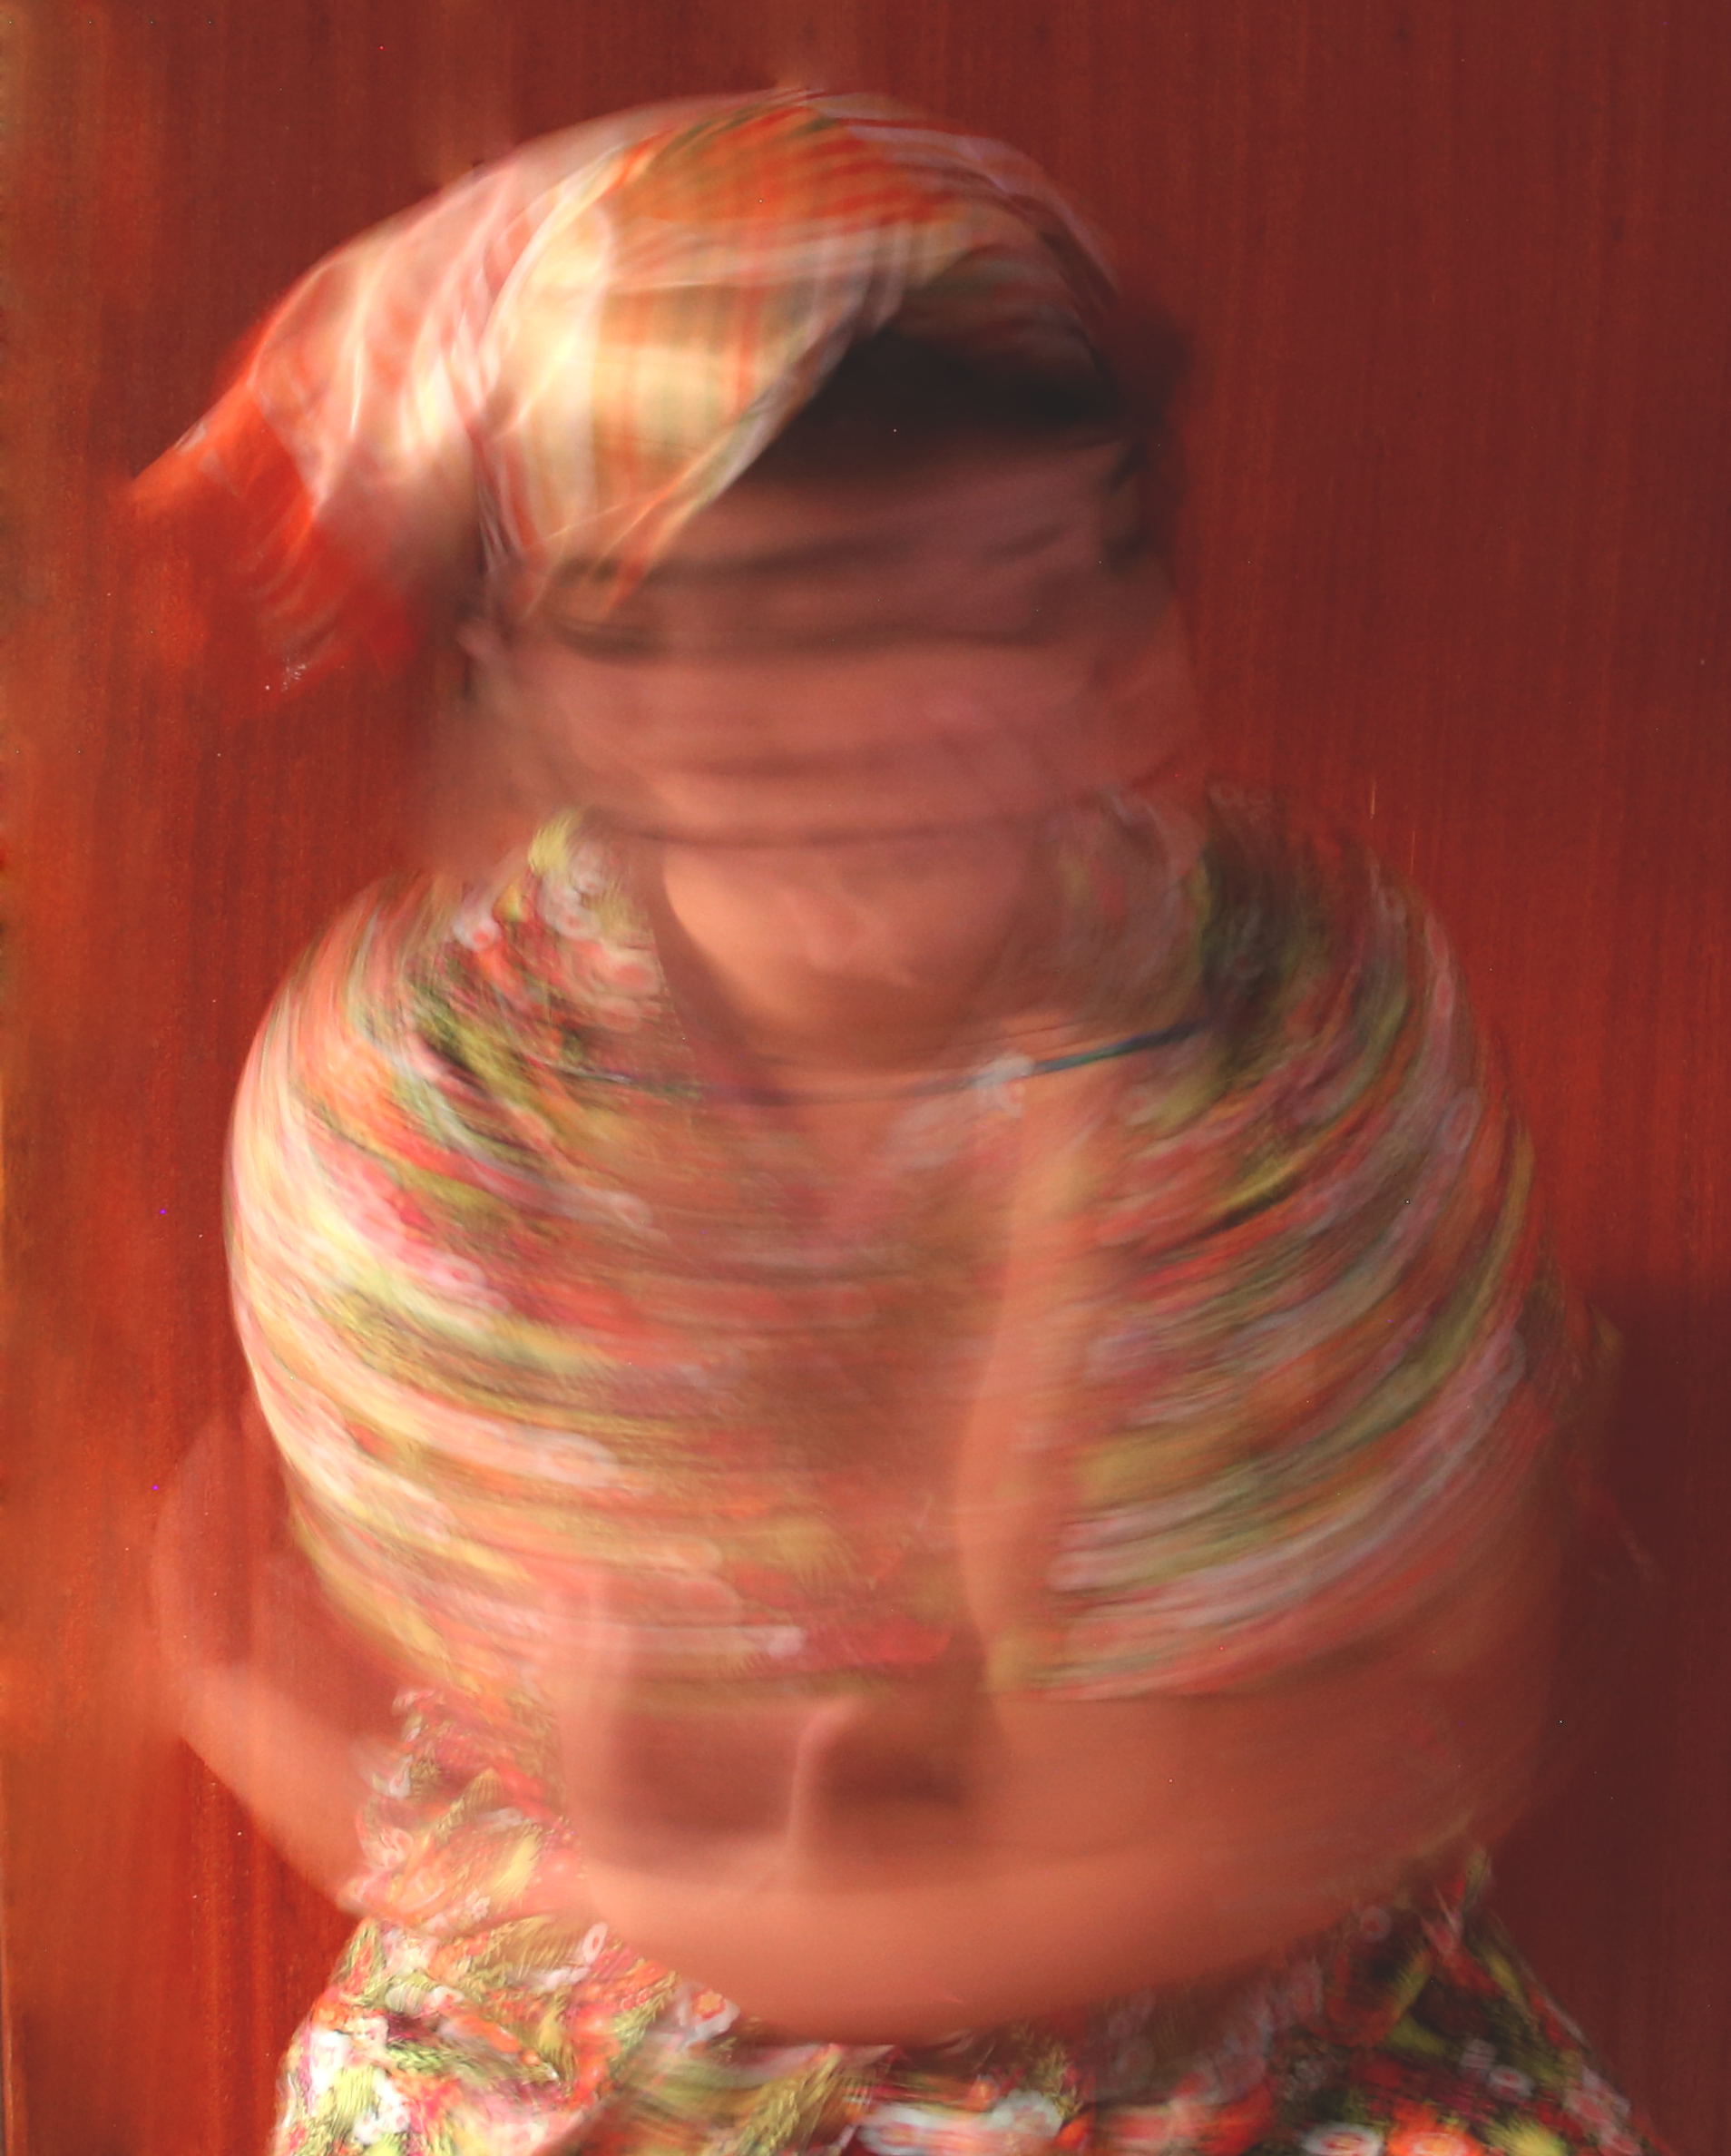 Ensaio sobre expurgo de ilusões